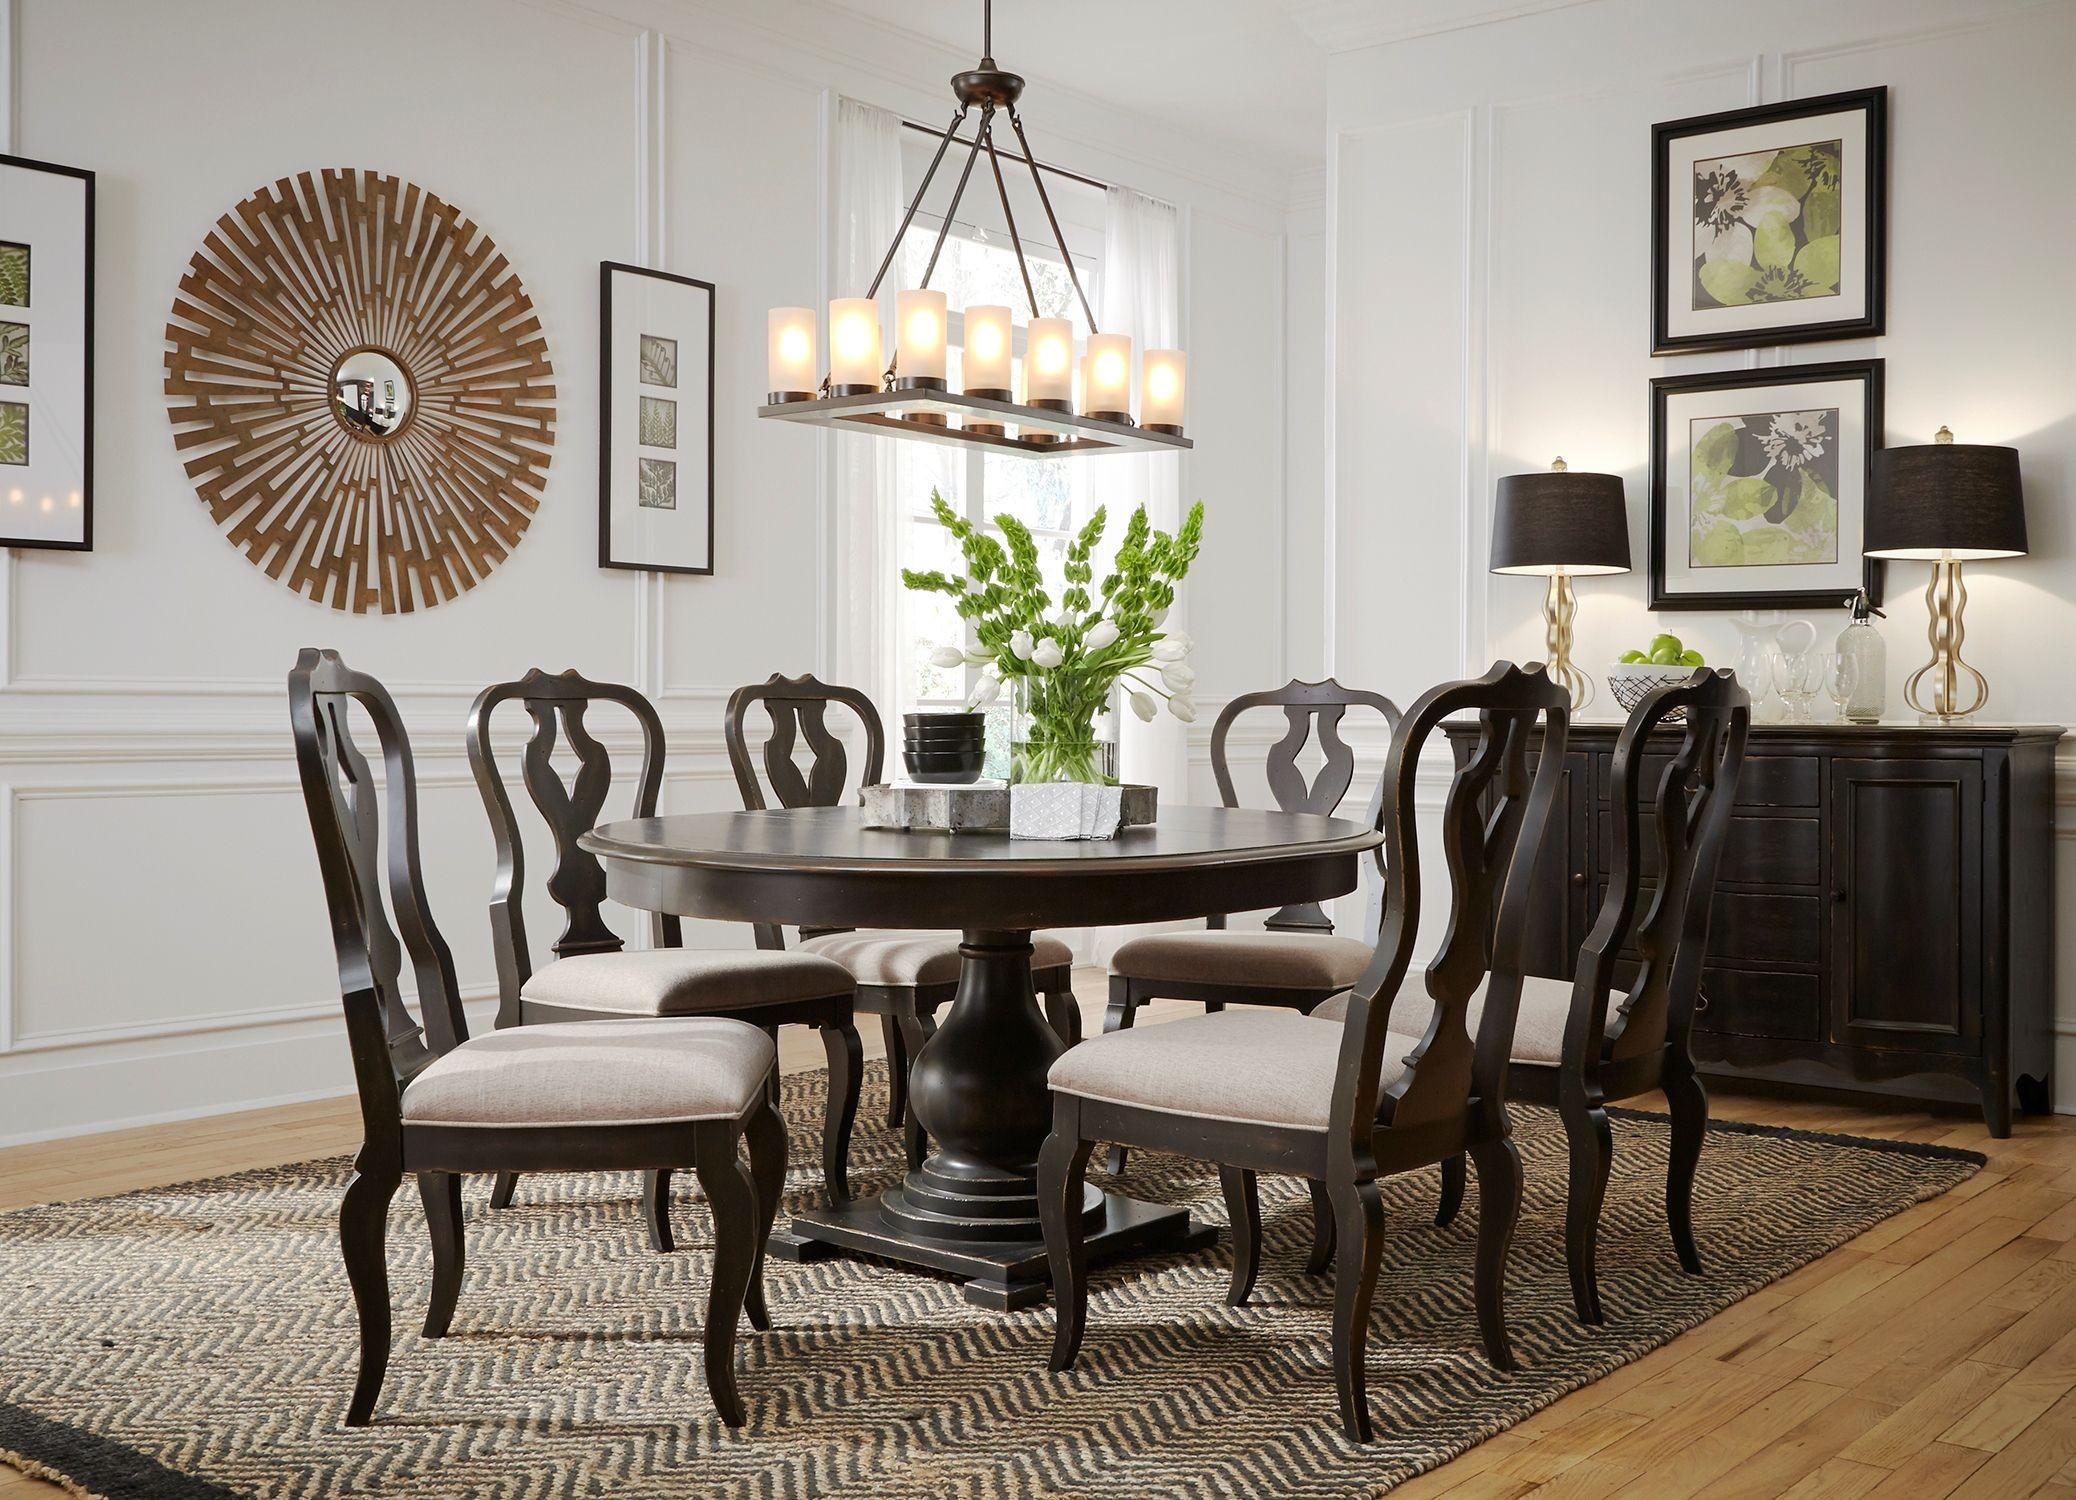 Antique round dining room